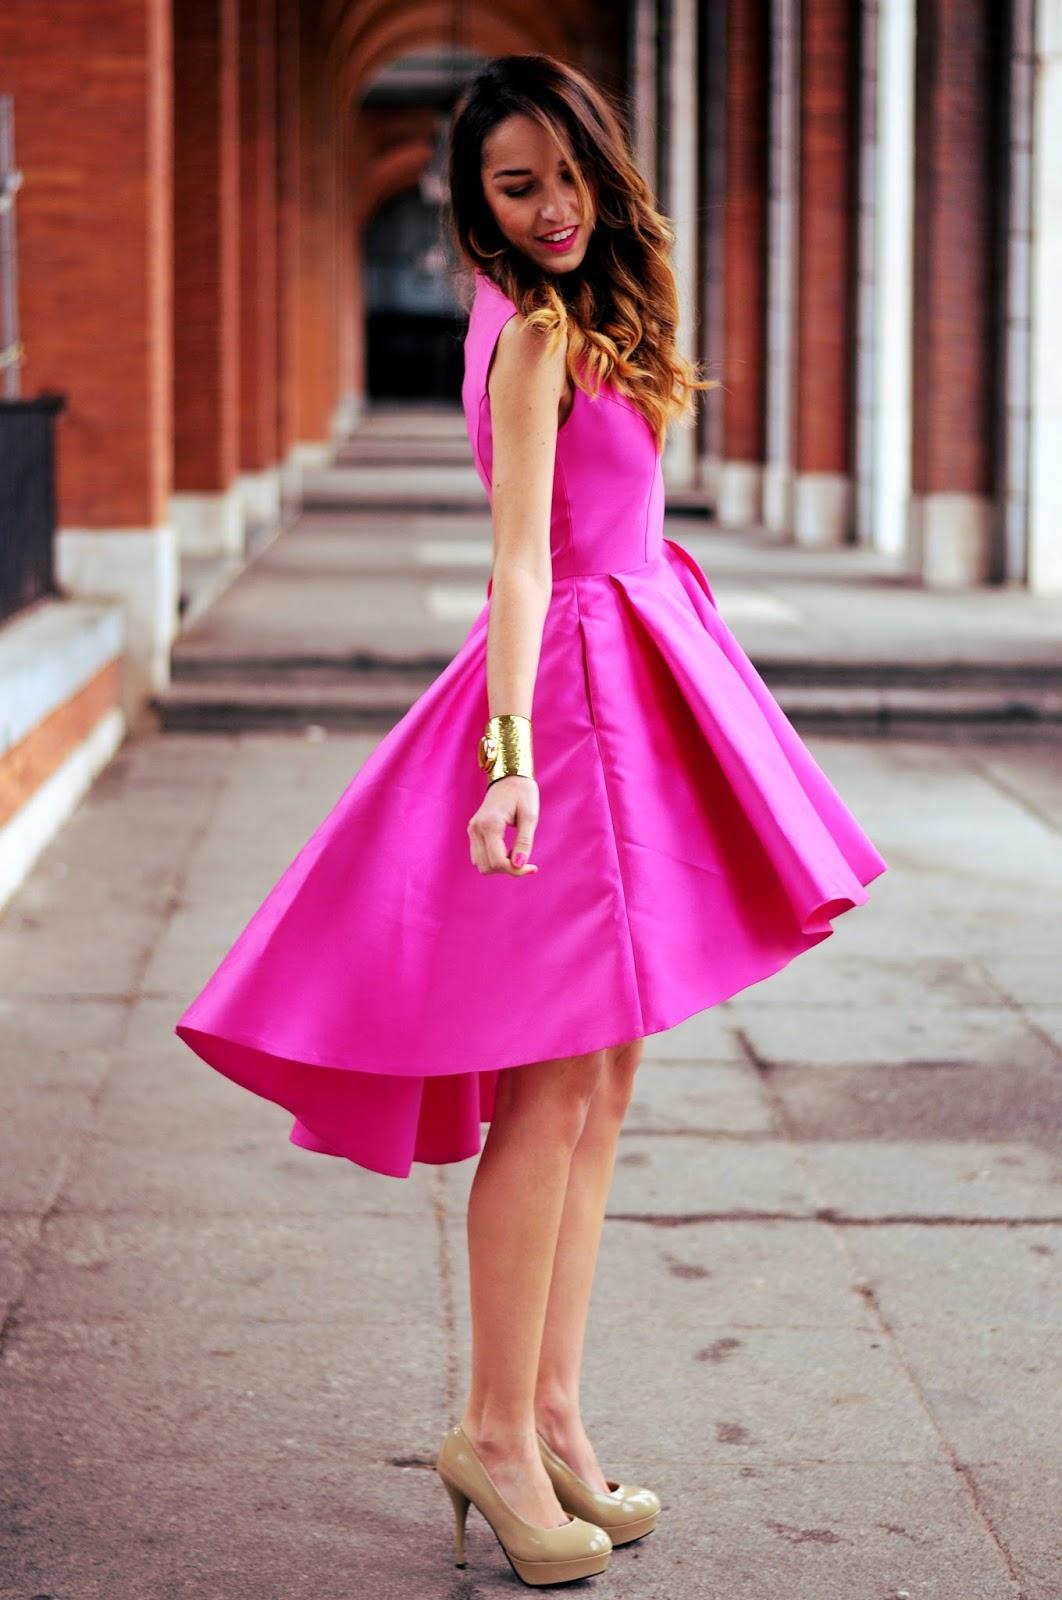 Bonito Vestido Agradable De Llevar A La Boda Festooning - Colección ...